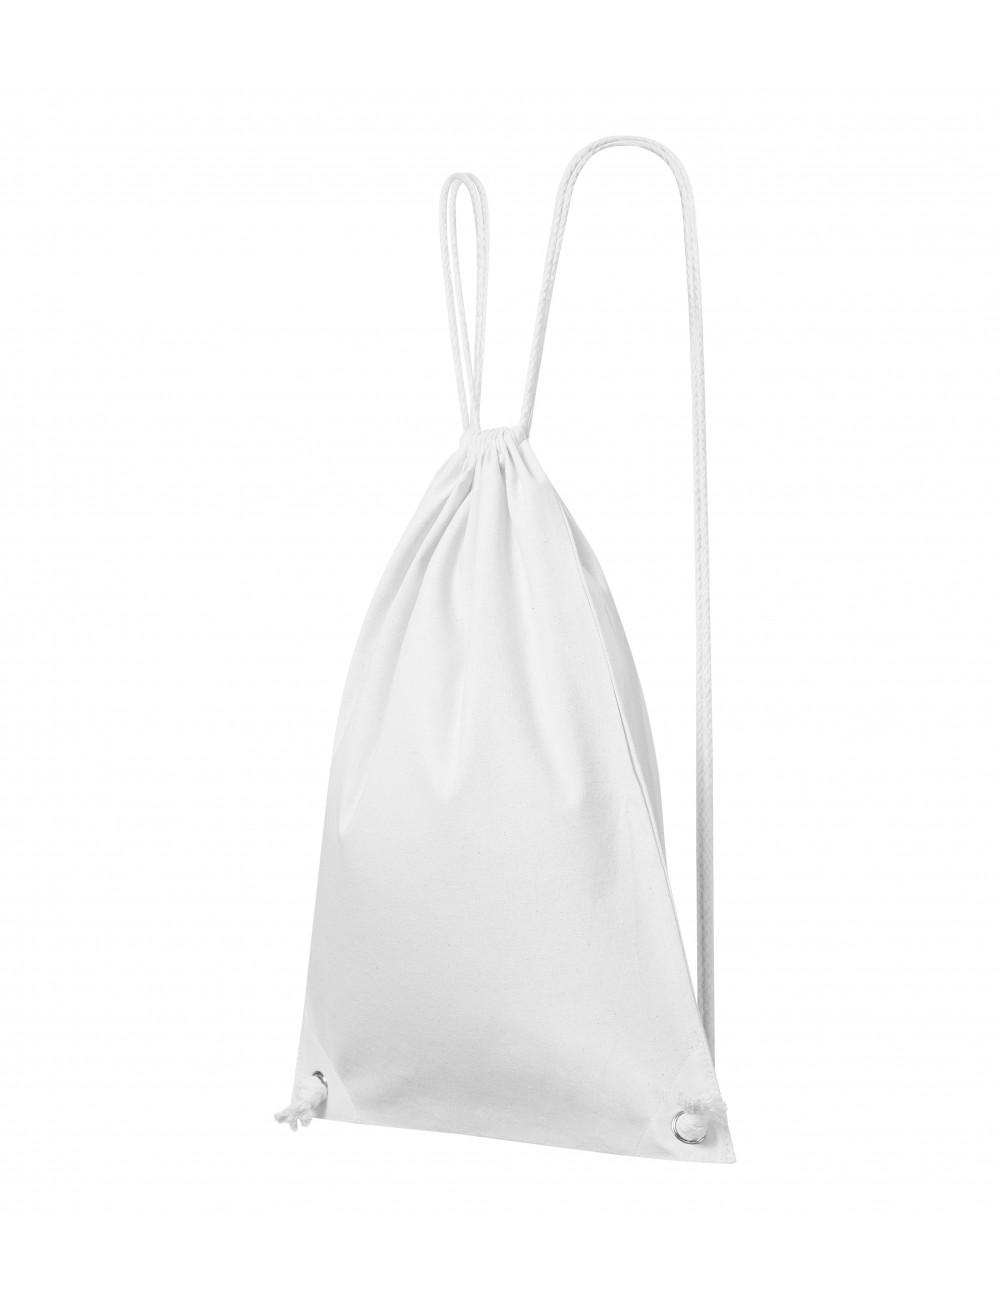 Adler MALFINI Plecak unisex Easygo 922 biały